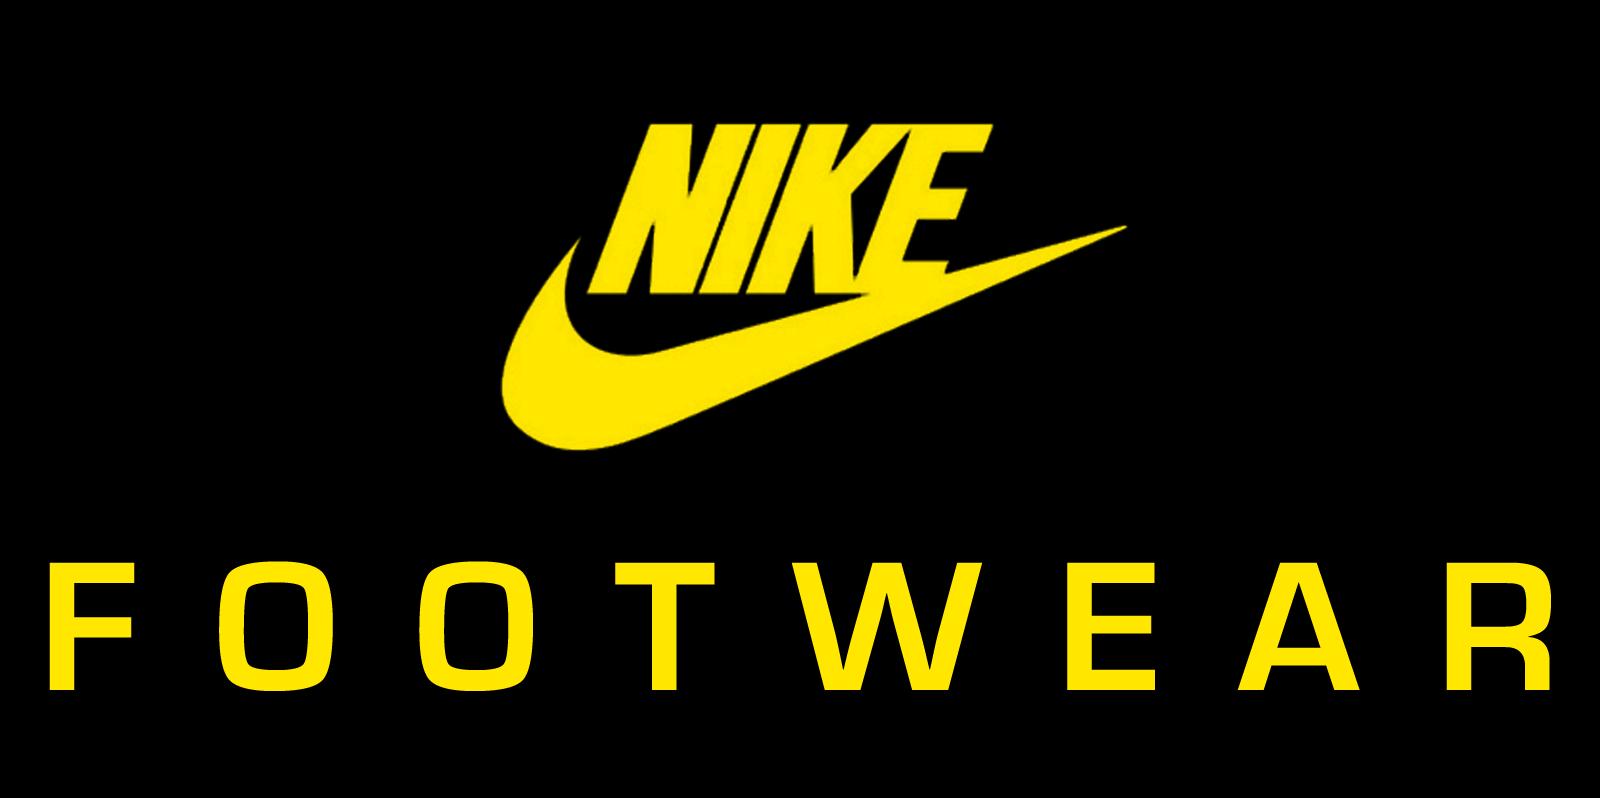 Nike Footwear.png